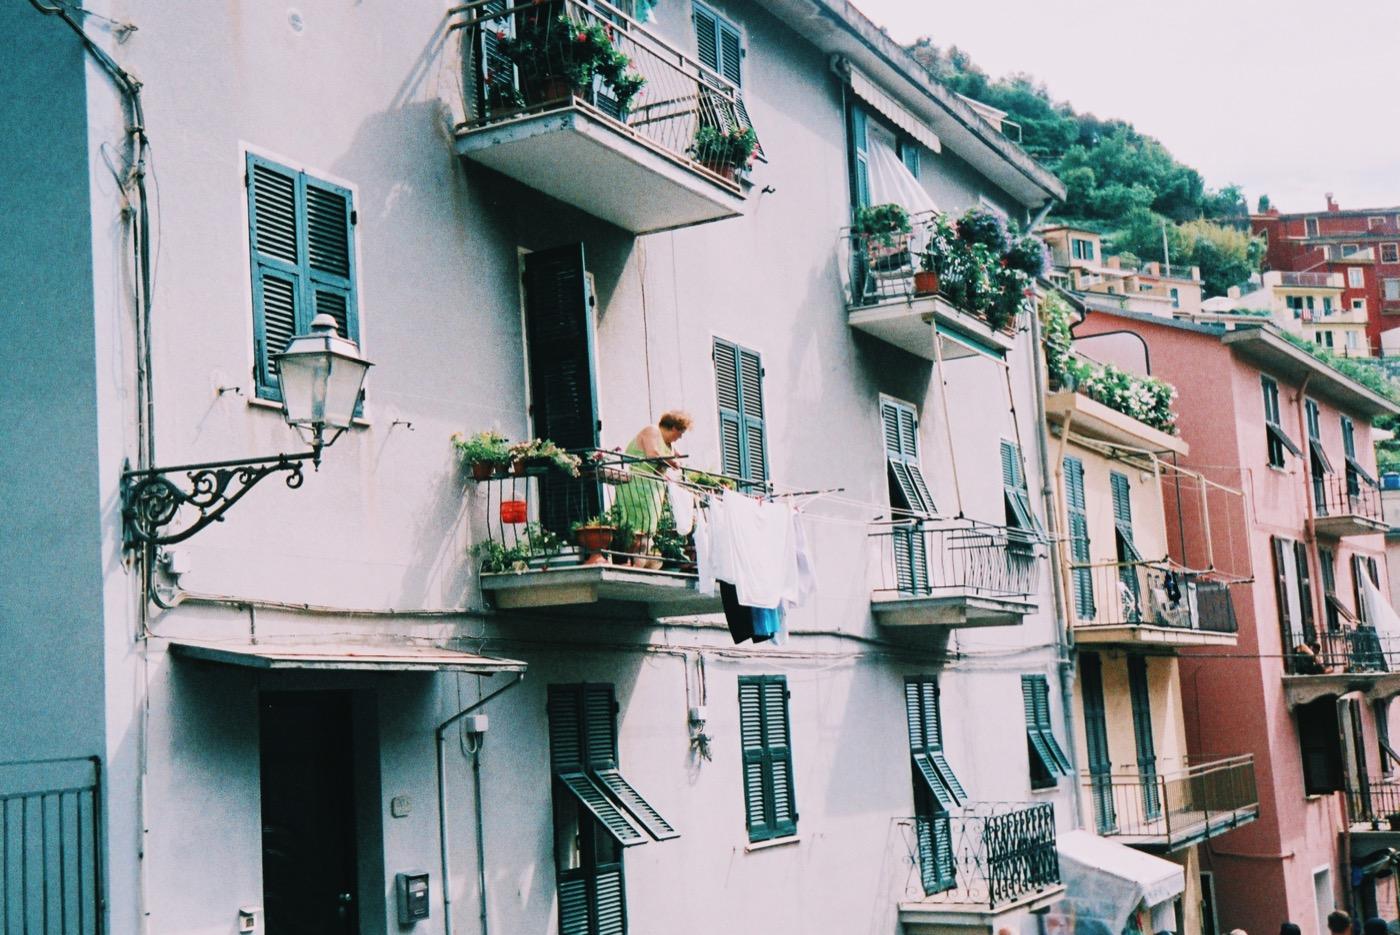 Italian woman on balcony - Manarola Cinque Terre 35mm